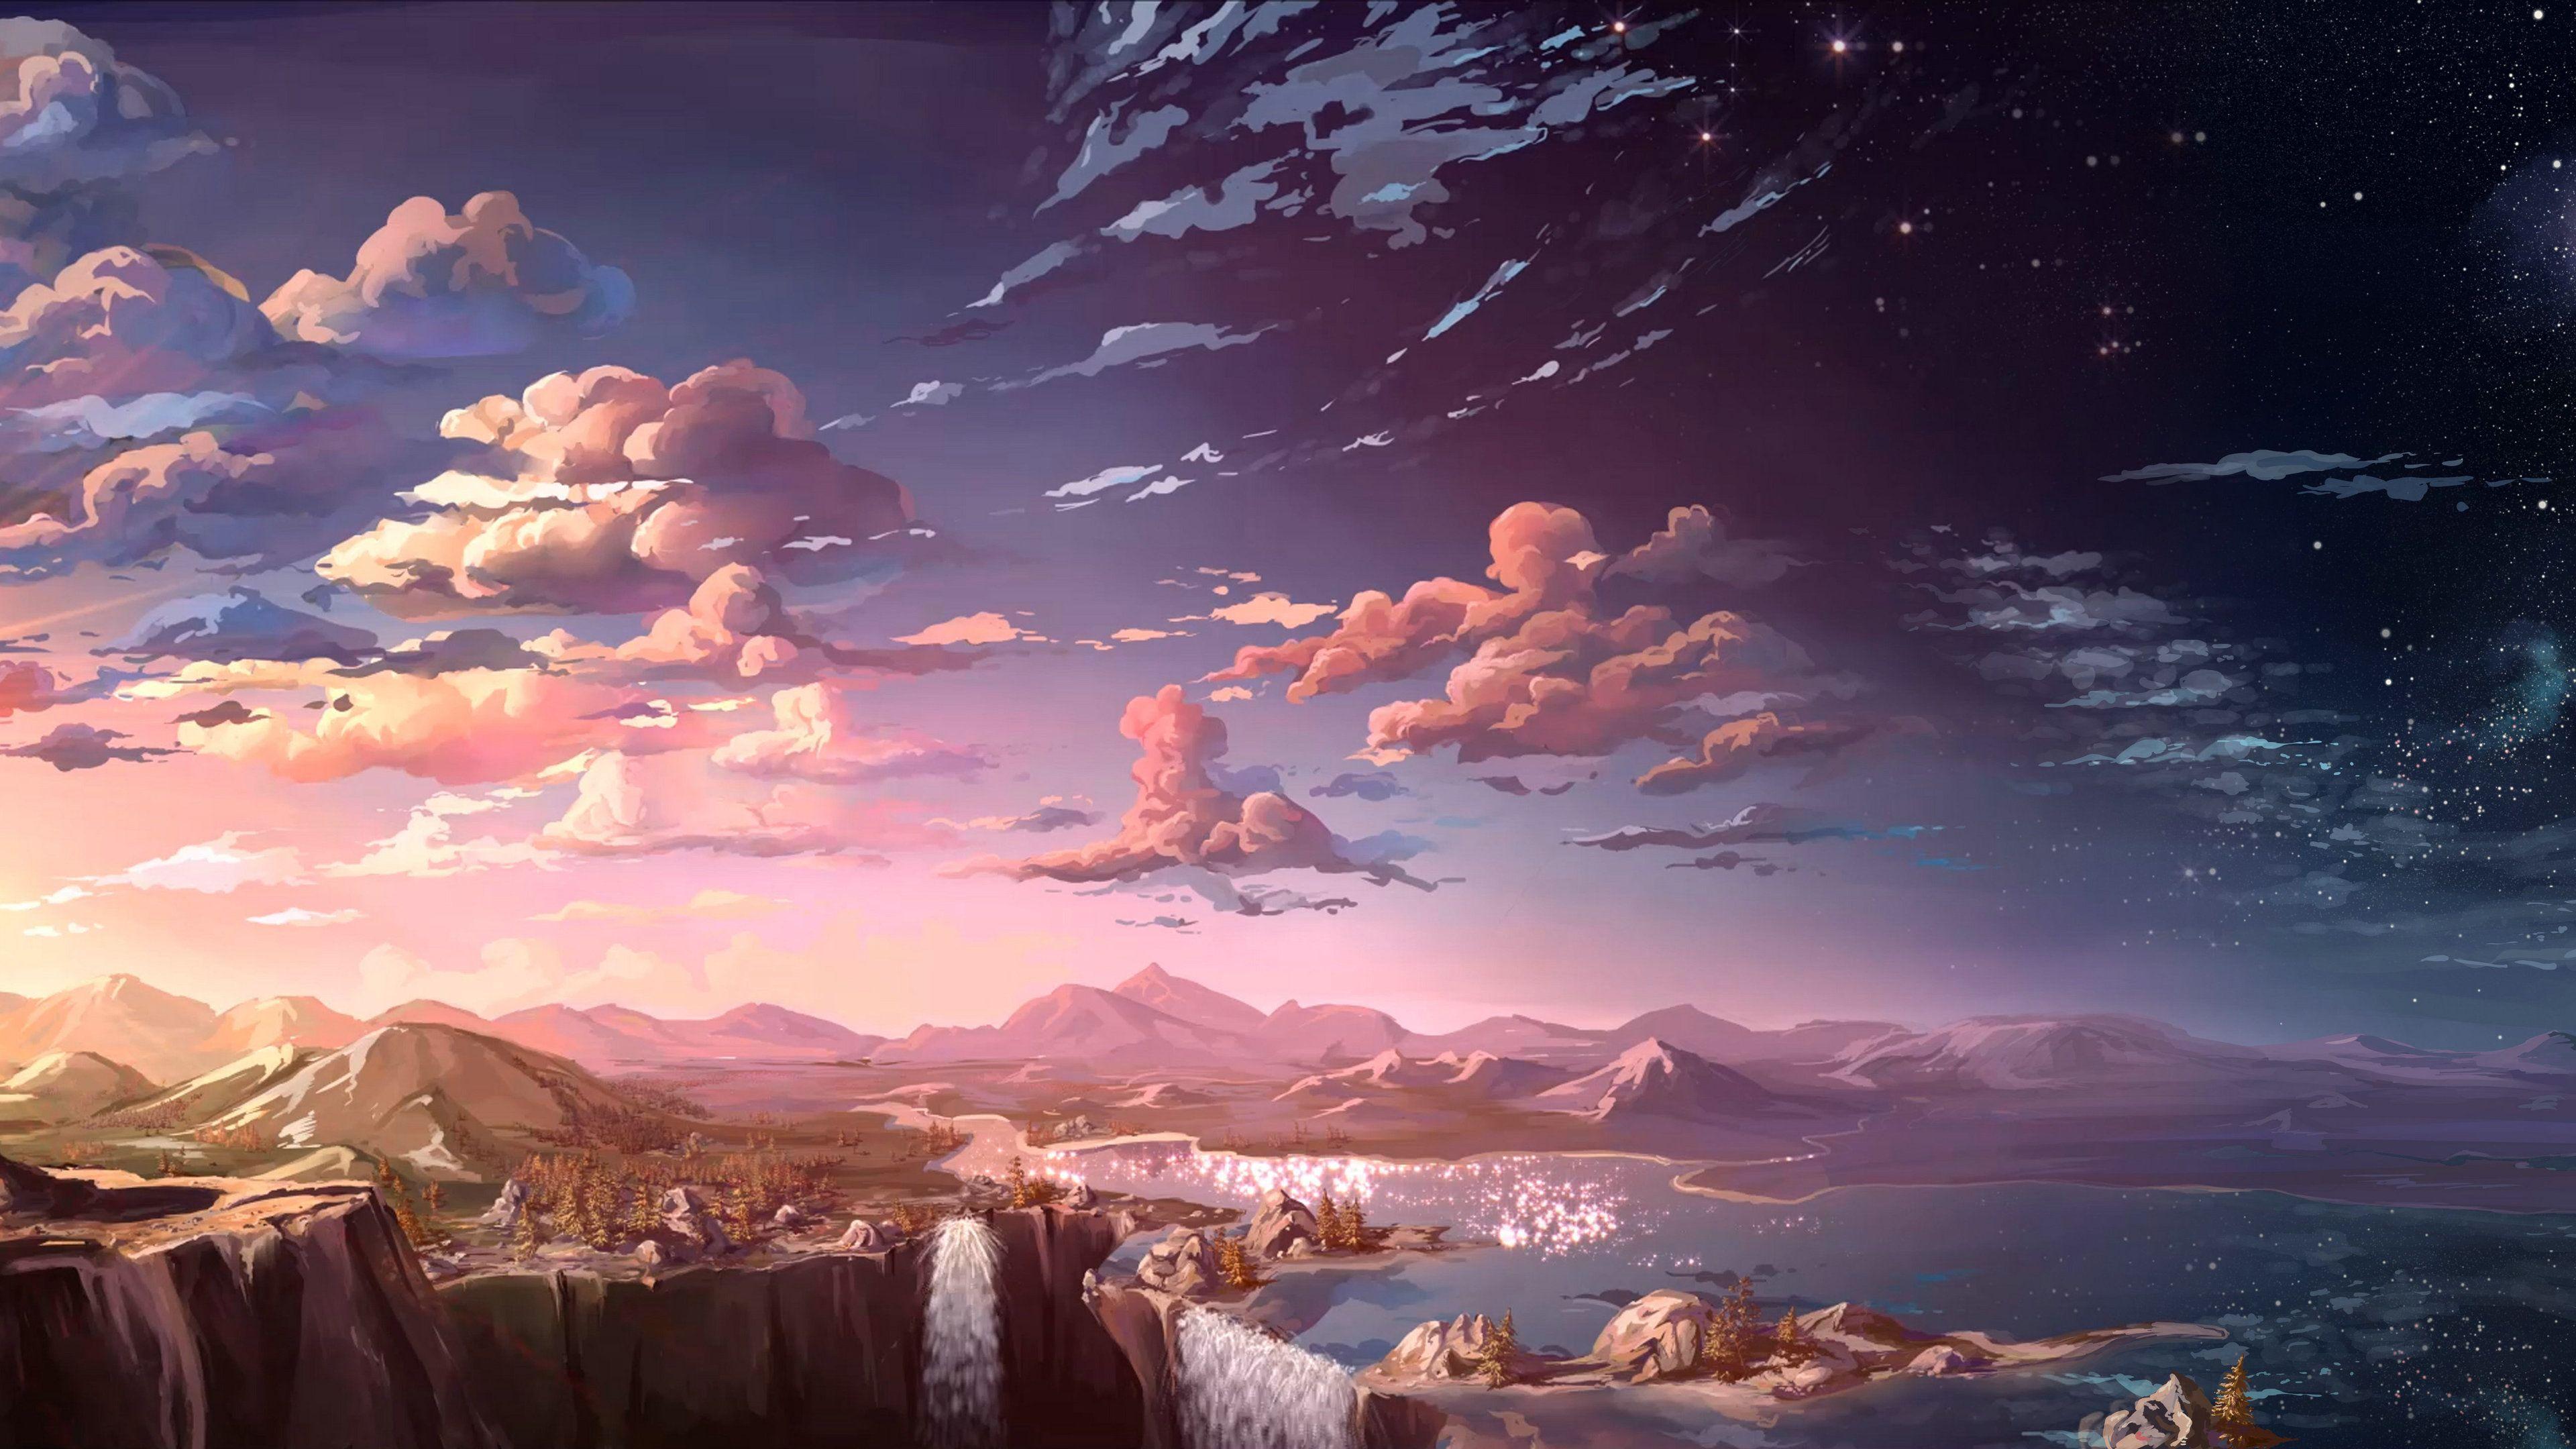 Wallpaper 4k Anime Landscape Waterfall Cloud 4k 4k Wallpapers Anime Wallpapers Artist Wallpapers Artwork Wallpapers Cloud Wallpapers Digital Art Wallpapers In 2020 Scenery Wallpaper Anime Scenery Landscape Wallpaper